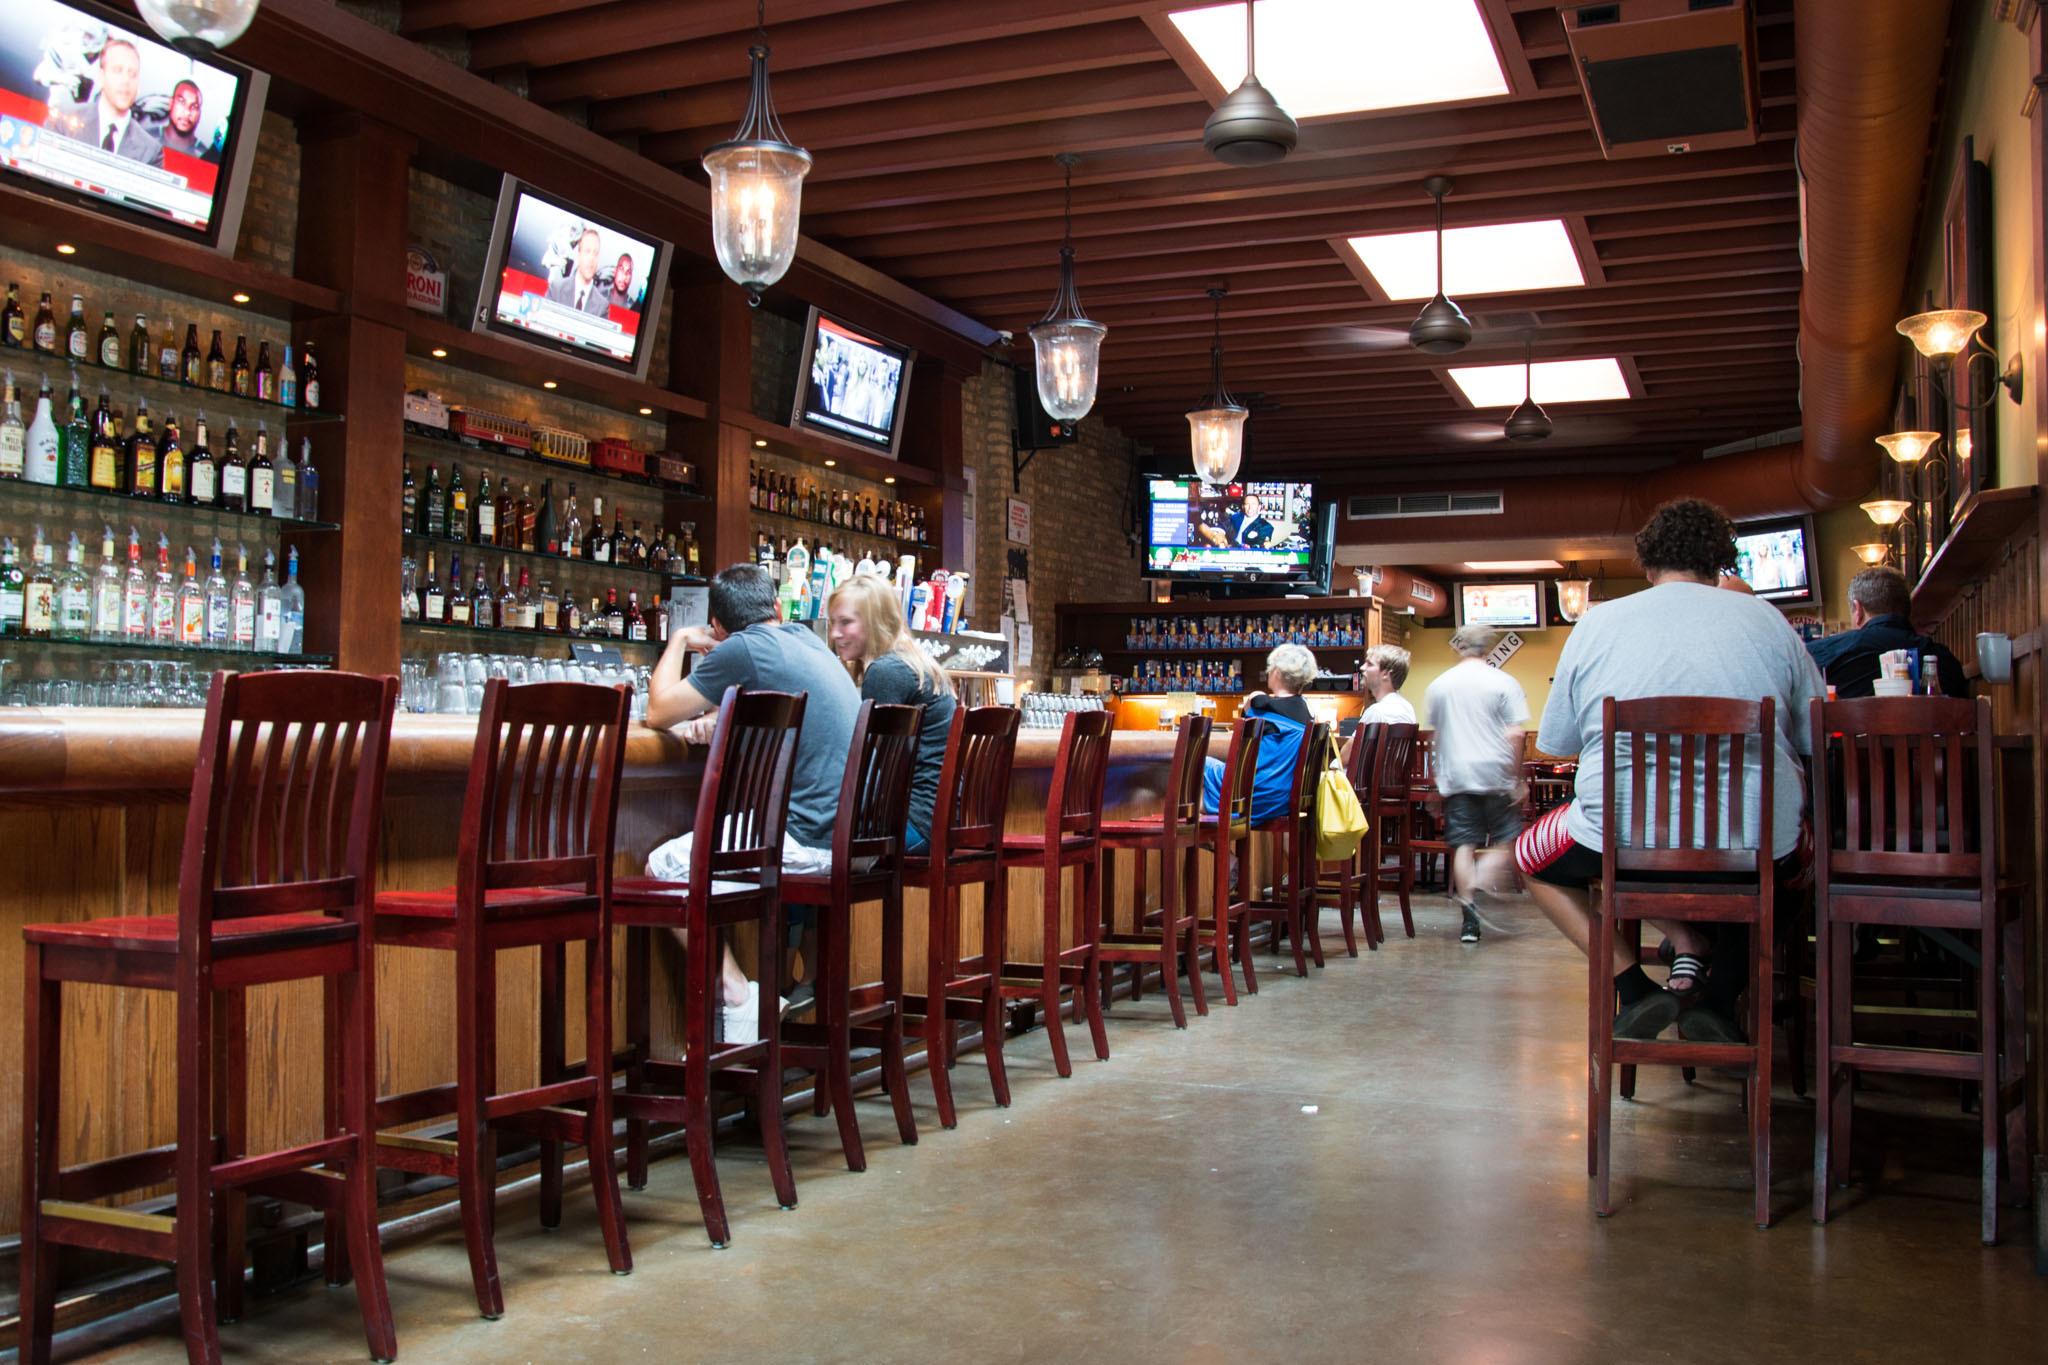 The Rail Bar & Grill